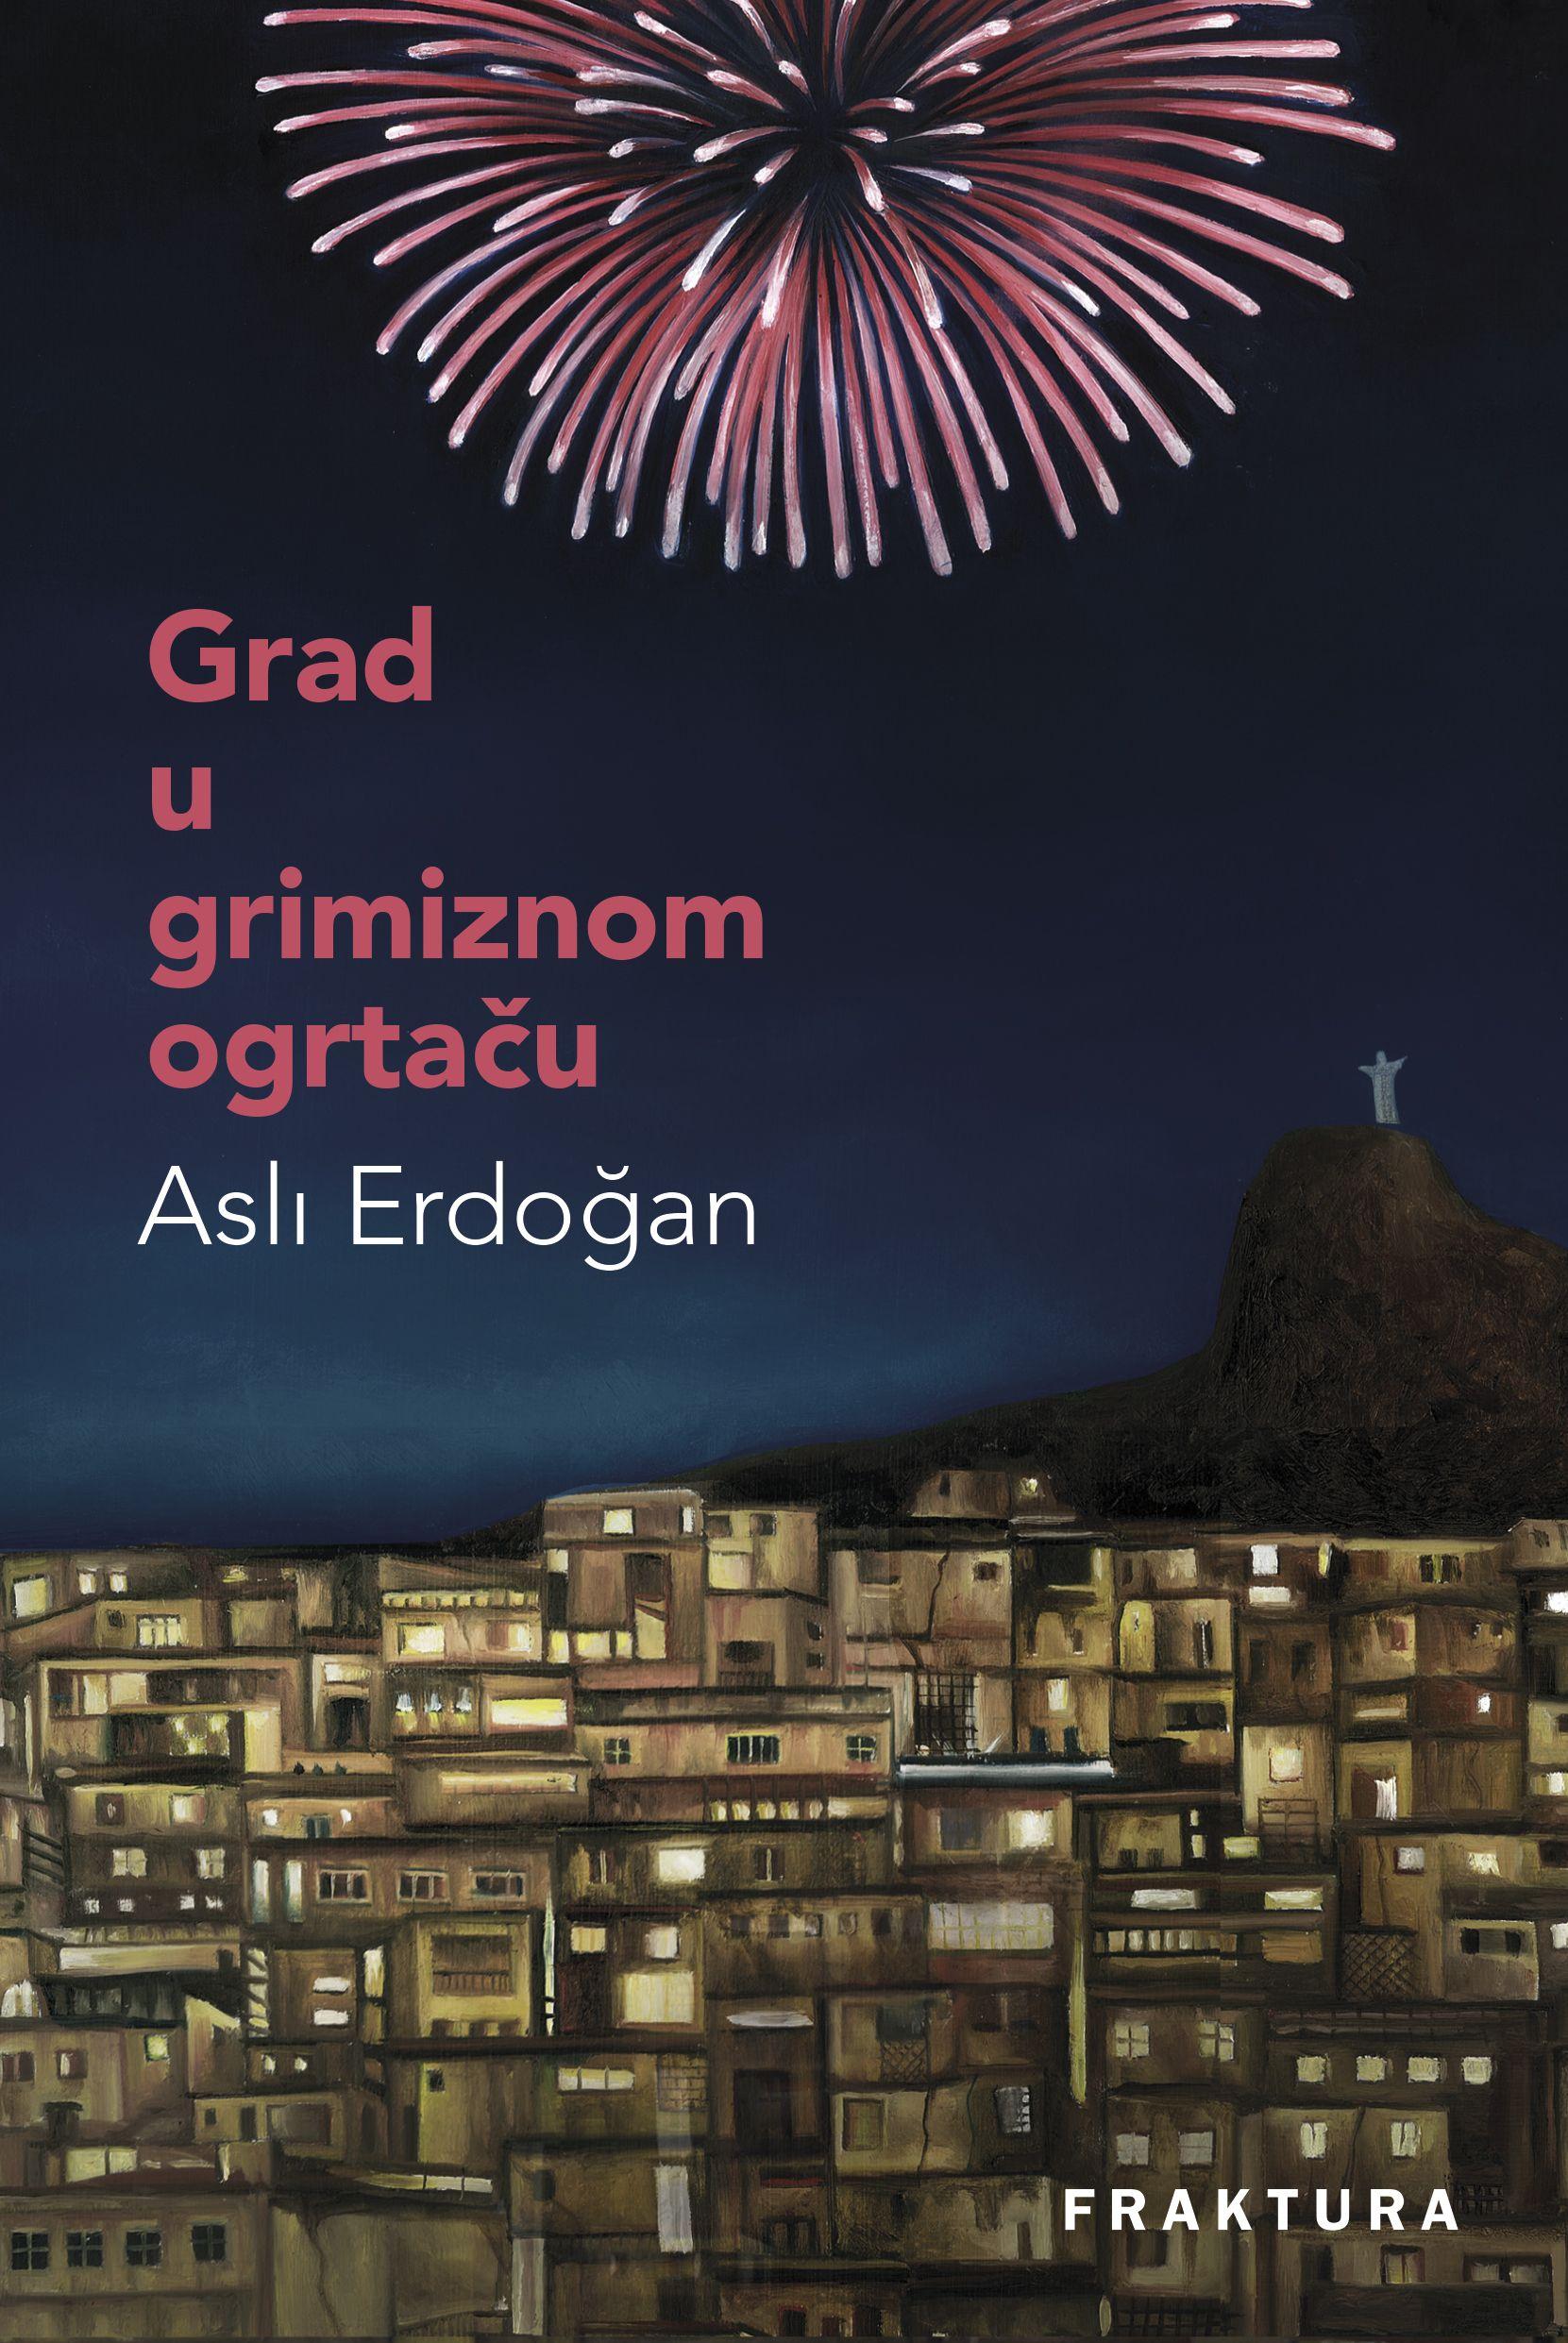 Frakturini novi naslovi – veljača 2020.: Grad u grimiznom ogrtaču; Lazar; Nježna stvorenja i Istarska Lady Macbeth